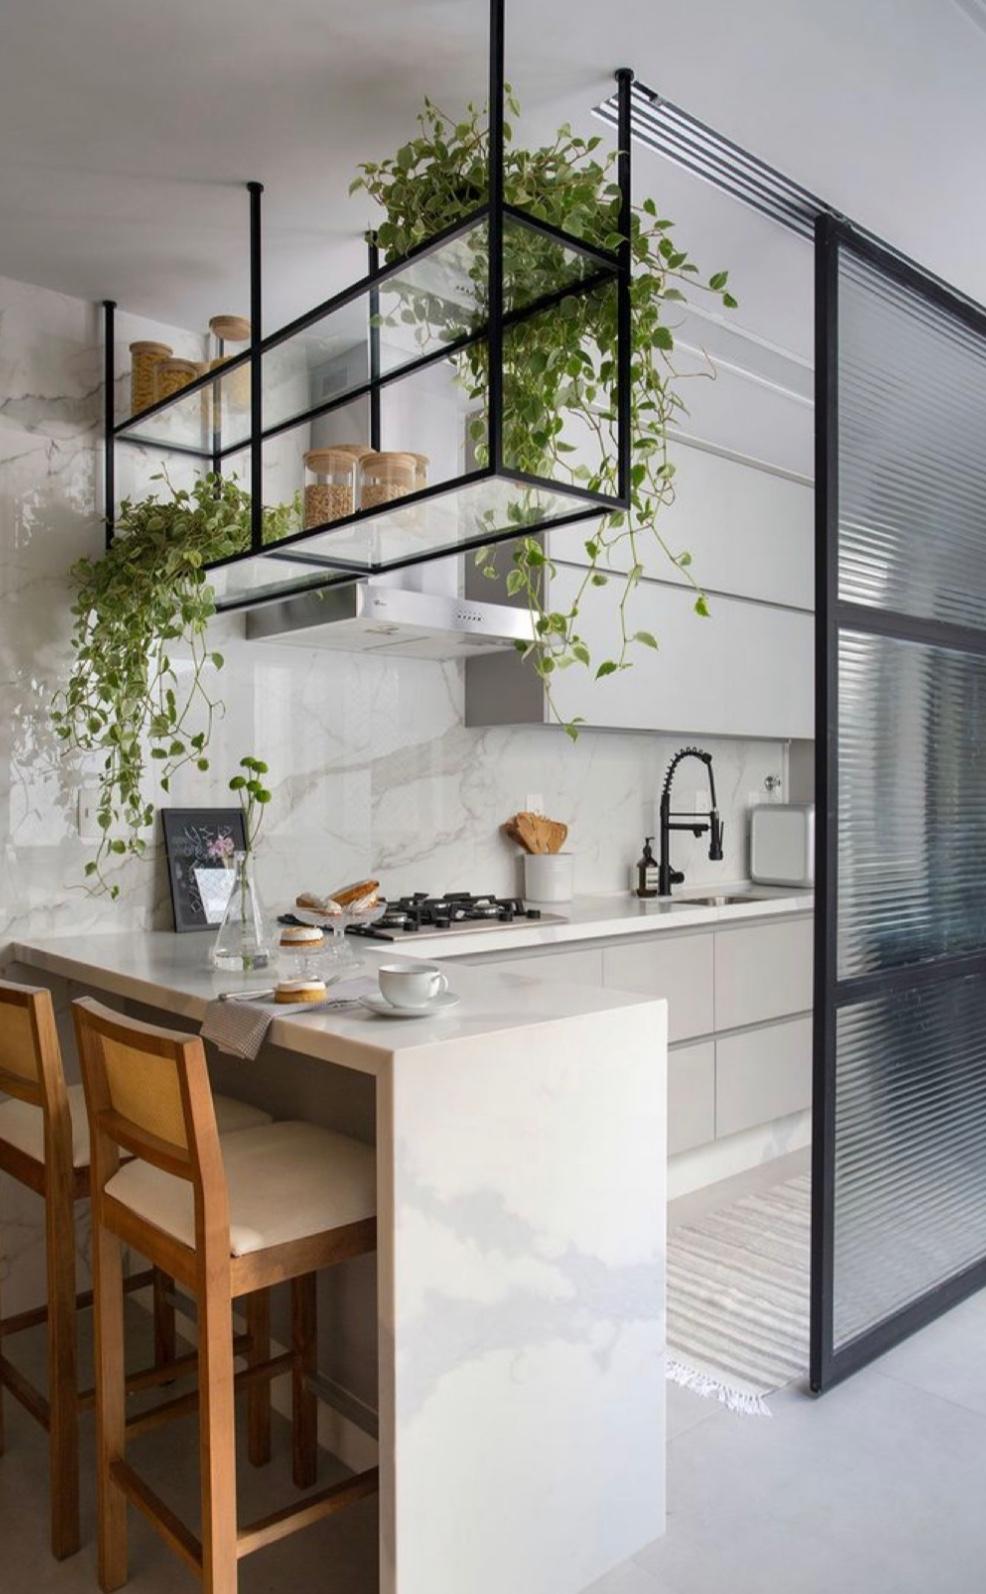 Ve hře nejsou jen bylinky: Kterým květem se bude dařit ve vaší kuchyni?